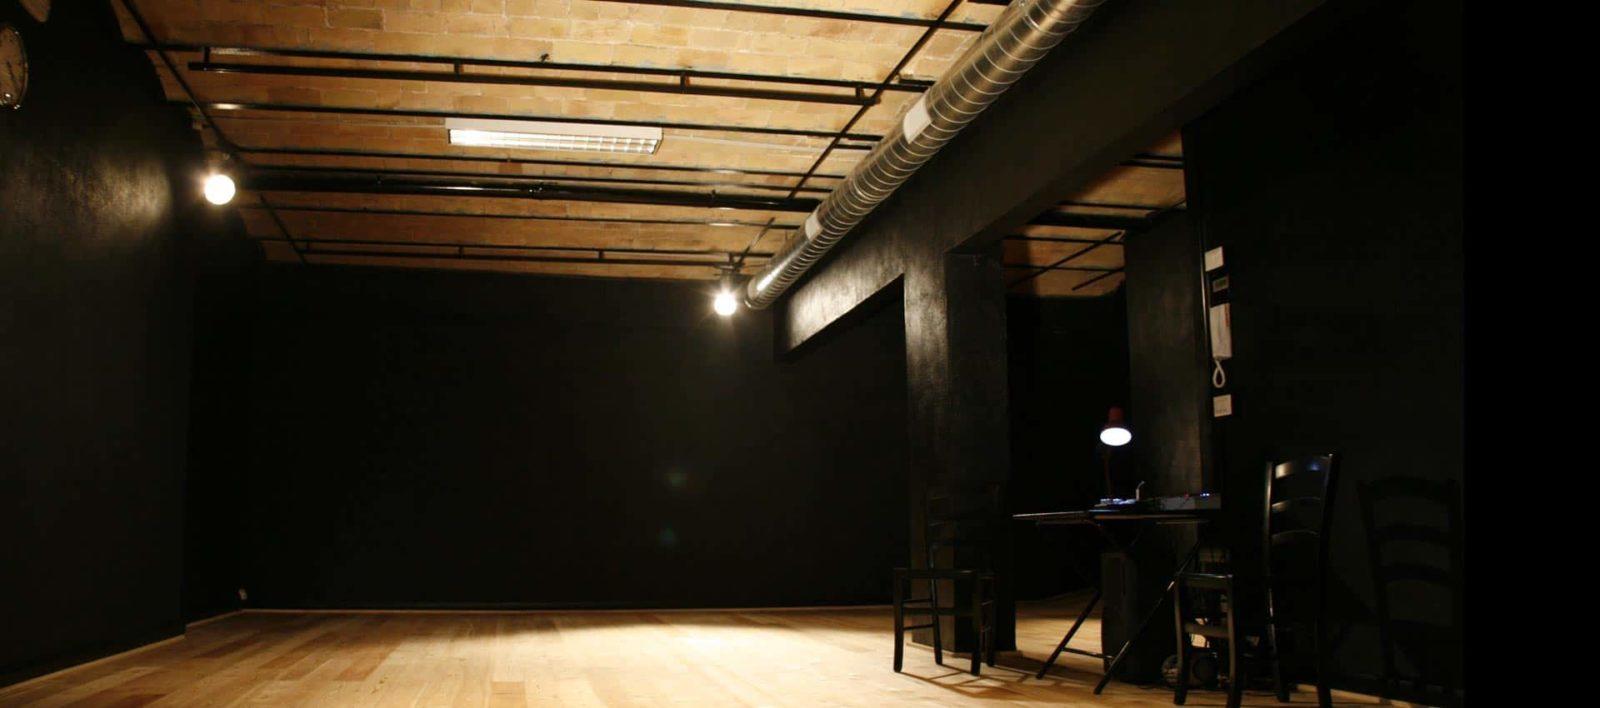 Accademia Teatrale Sofia Amendolea - Sala nera